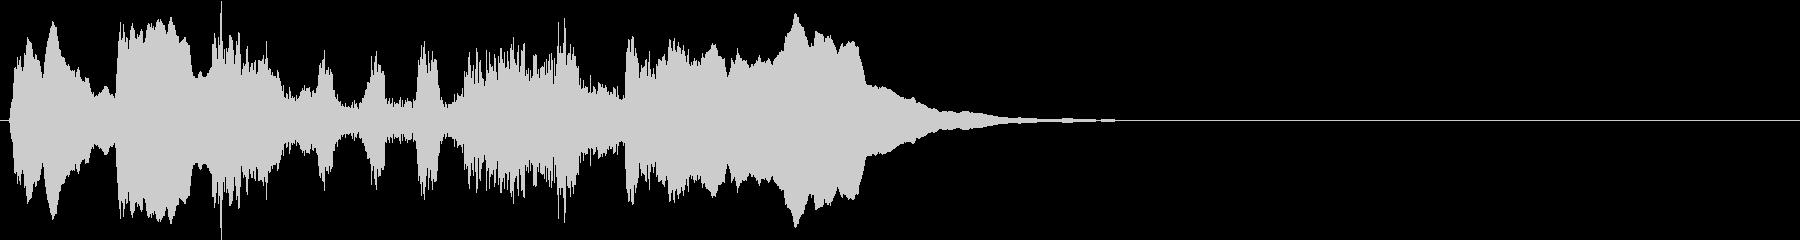 勇ましく不思議なブラス バルトークの未再生の波形